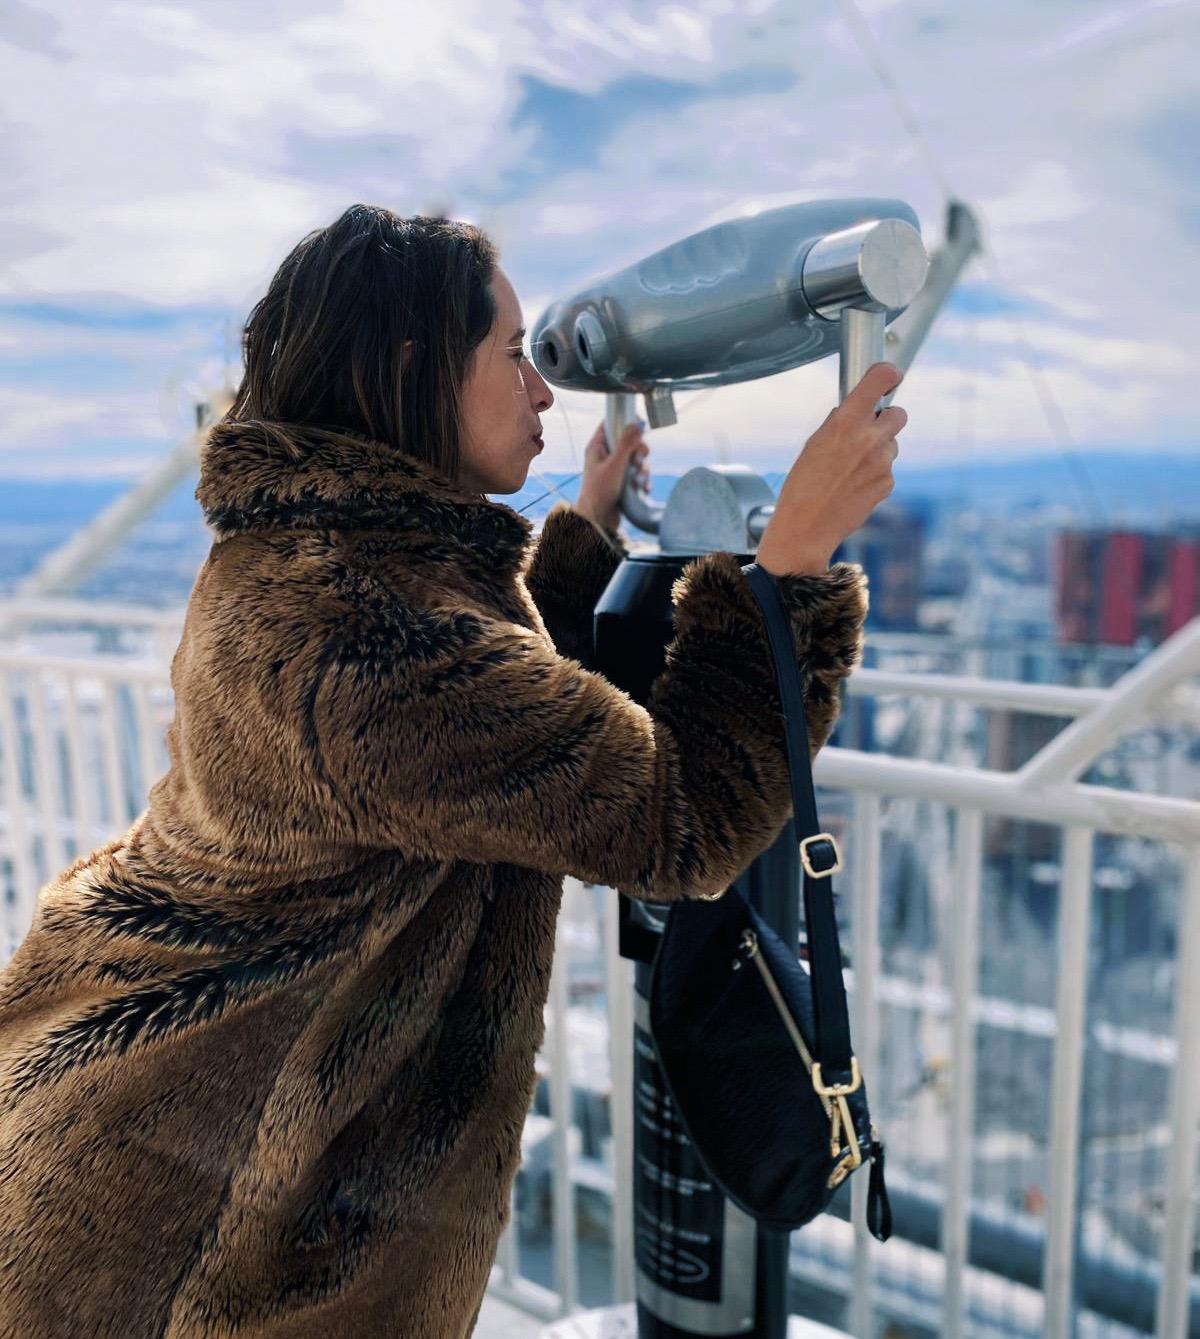 תצפית גג מלון רופטופ VIEW ROOFTOP WHERE TO GO IN LAS VEGAS